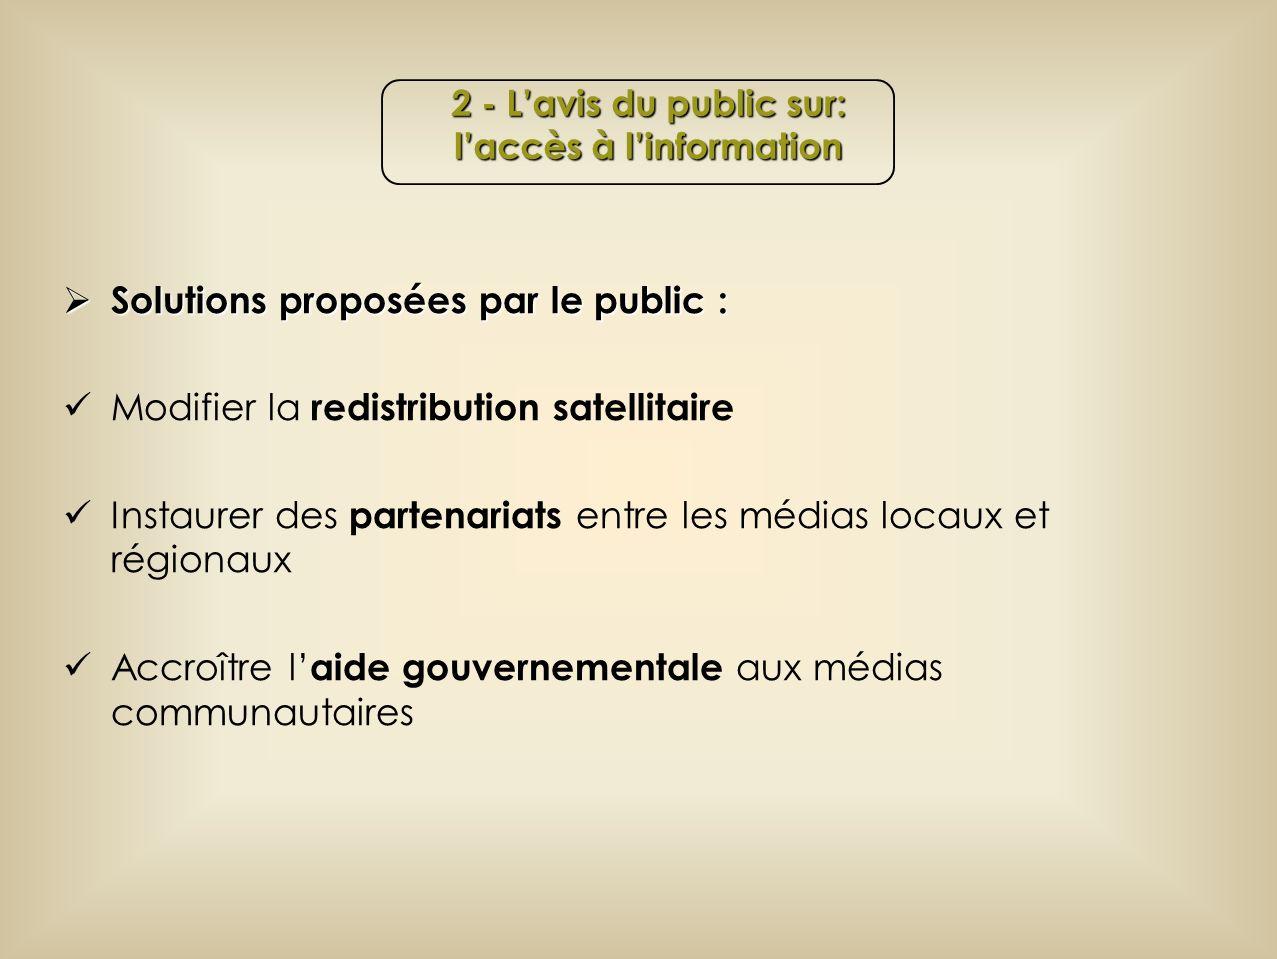 Solutions proposées par le public : Solutions proposées par le public : Modifier la redistribution satellitaire Instaurer des partenariats entre les médias locaux et régionaux Accroître l aide gouvernementale aux médias communautaires 2 - Lavis du public sur: laccès à linformation